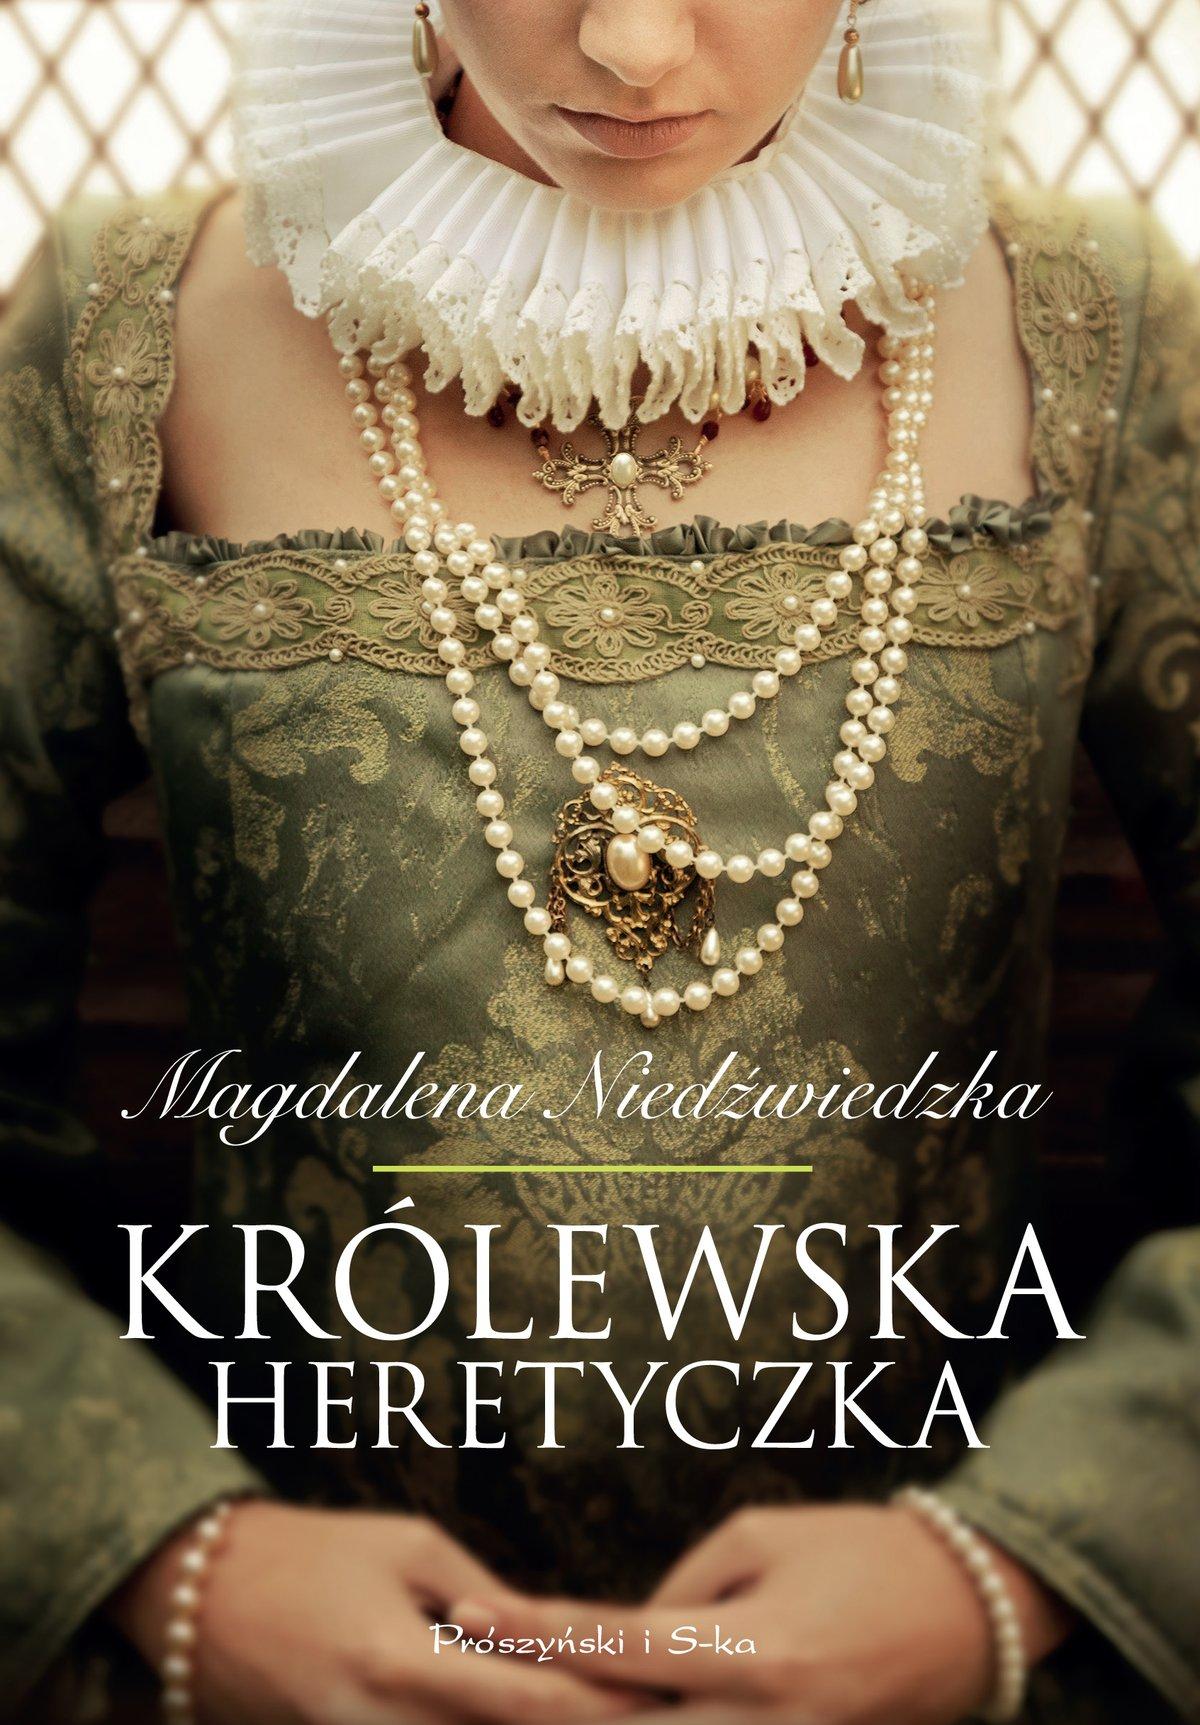 Królewska heretyczka - Ebook (Książka EPUB) do pobrania w formacie EPUB